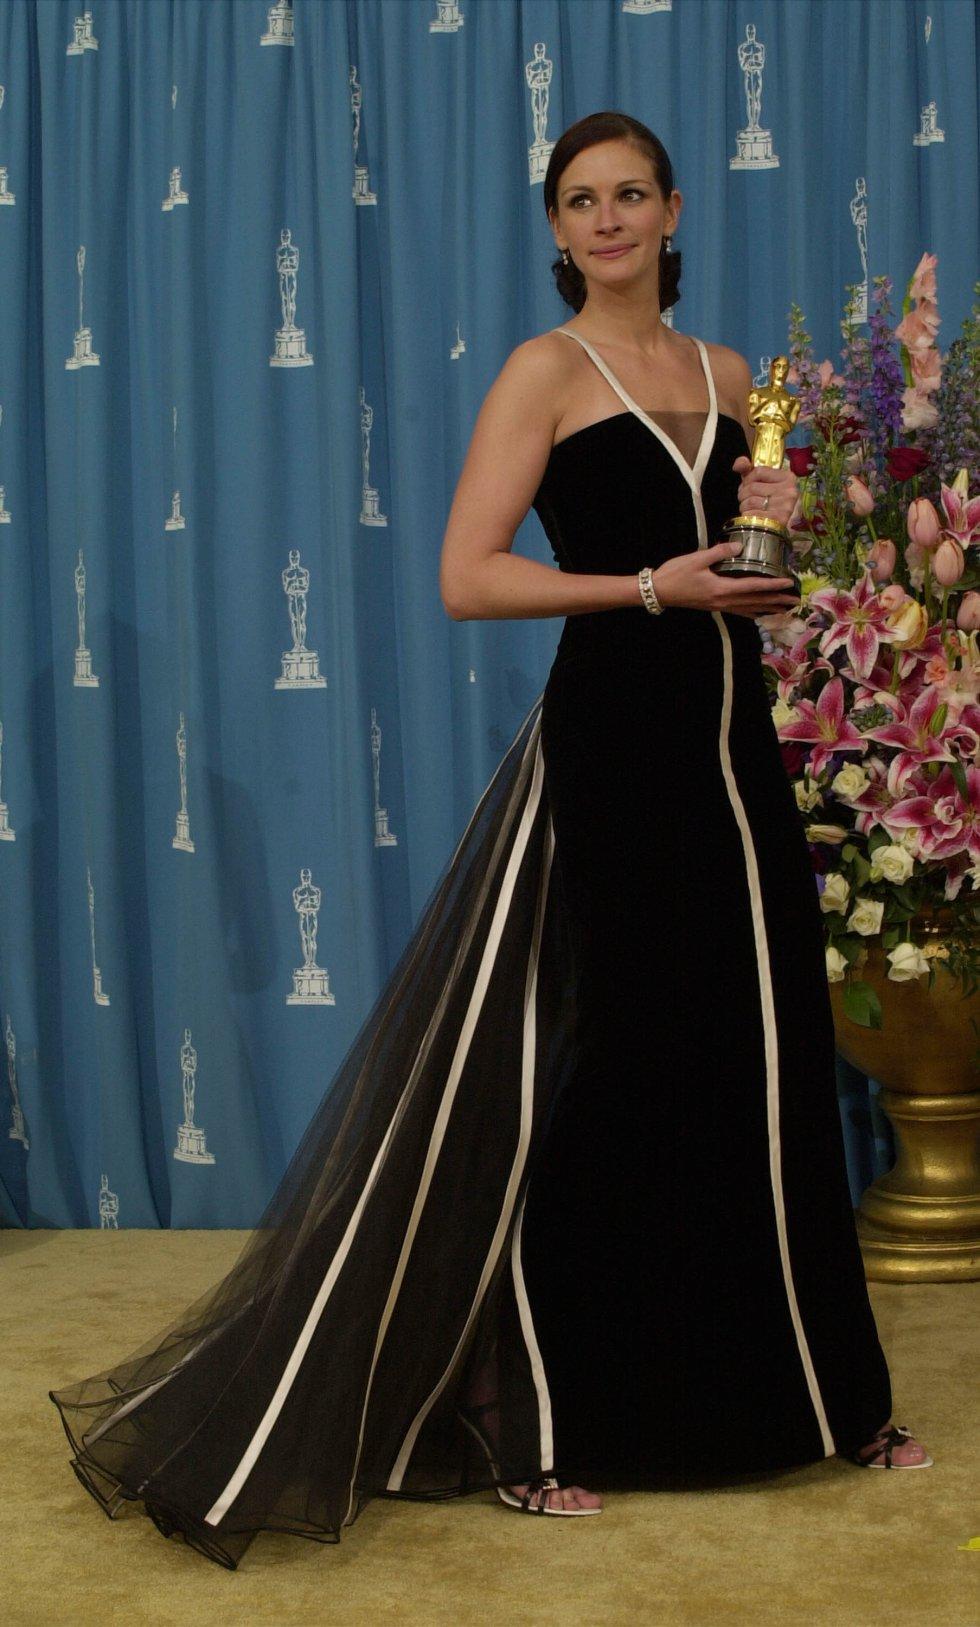 Julia Roberts, con un vestido de Valentino en 2001, un modelo que se ha convertido en uno de más icónicos de la gala del cine estadounidense. Roberts ganó ese año el Oscar con 'Erin Brockovich'.